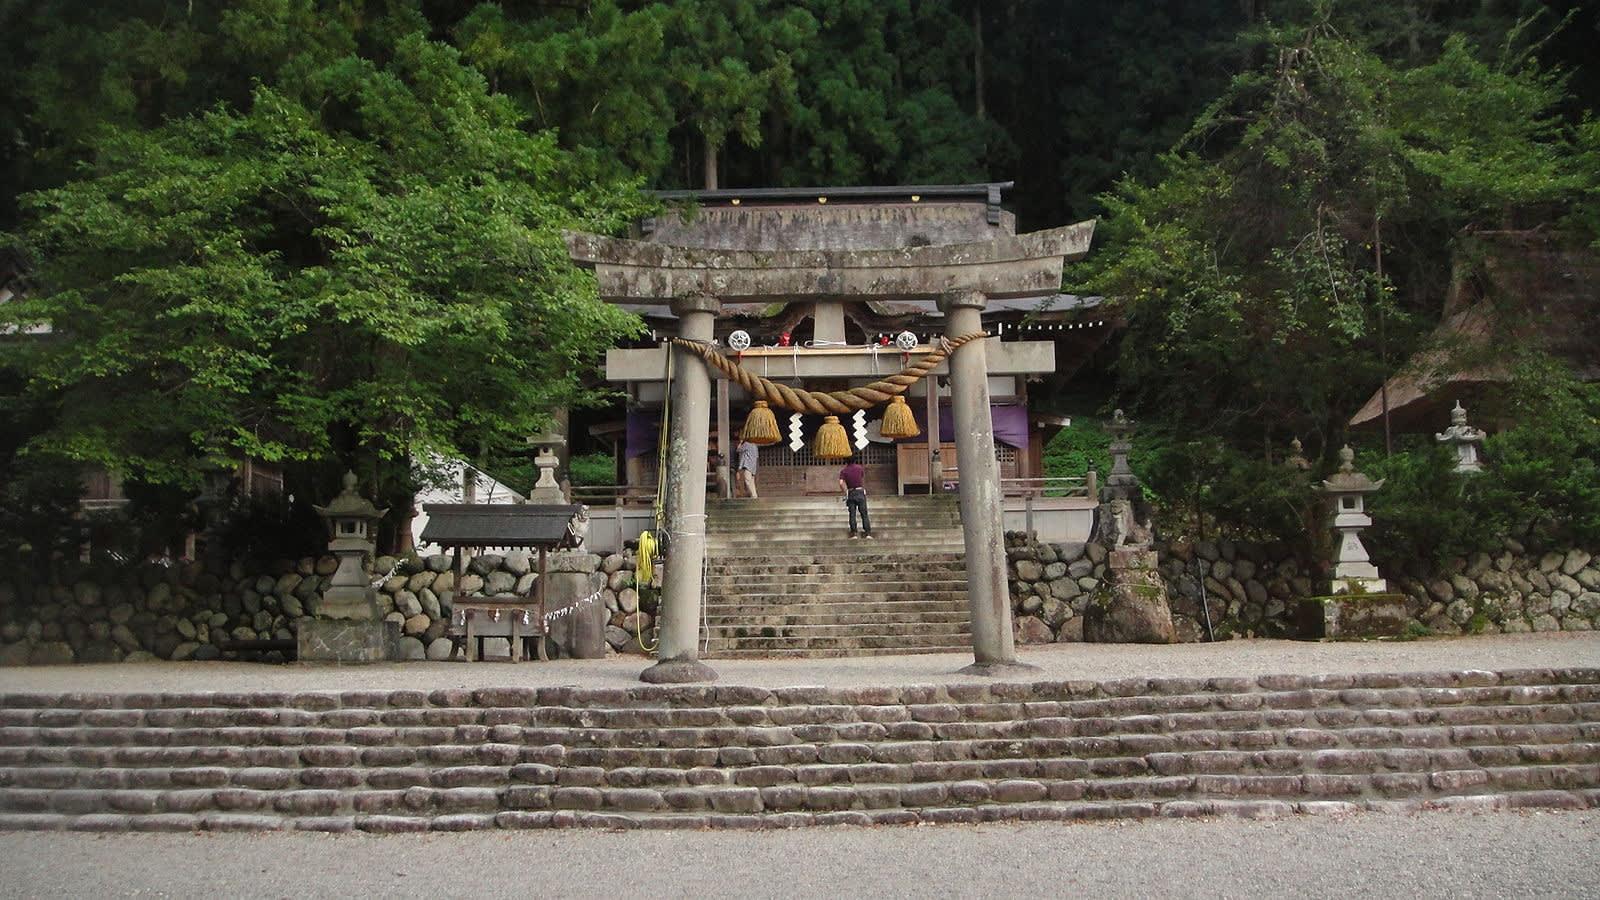 ĐI ĐÂU, LÀM GÌ, CHƠI GÌ Ở SHIRAKAWA 7